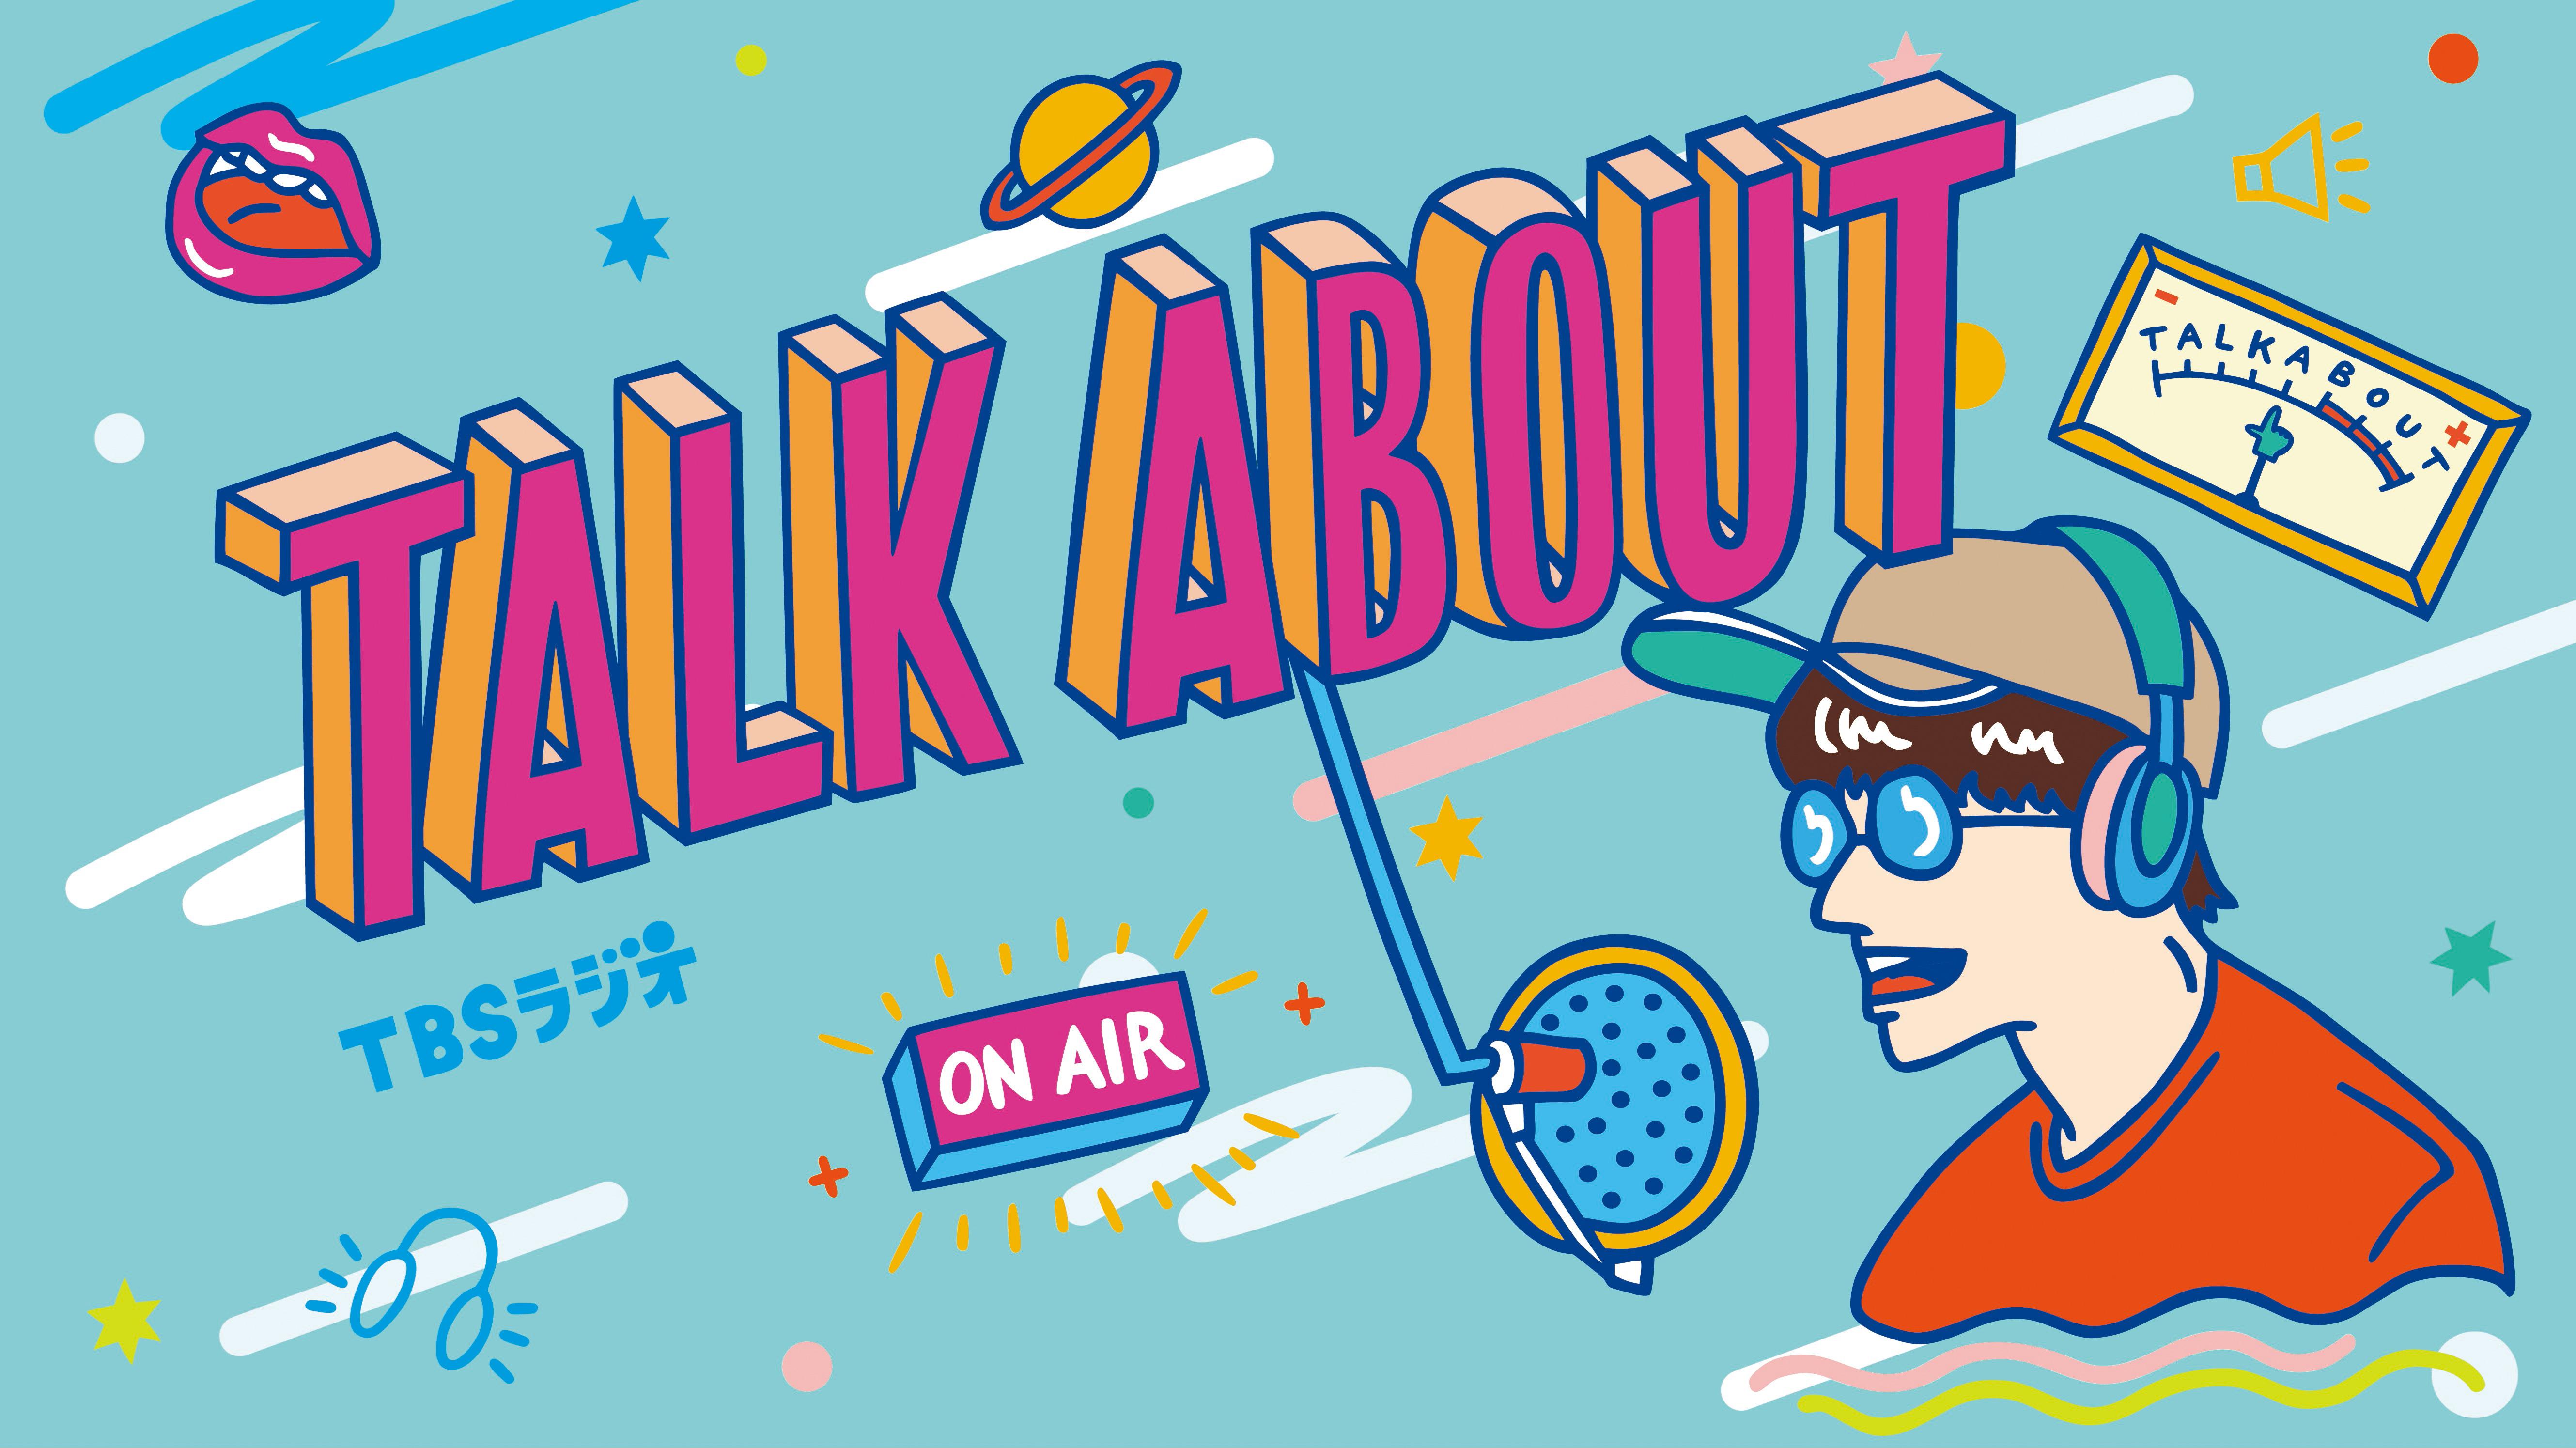 TBSラジオ「TALK ABOUT」